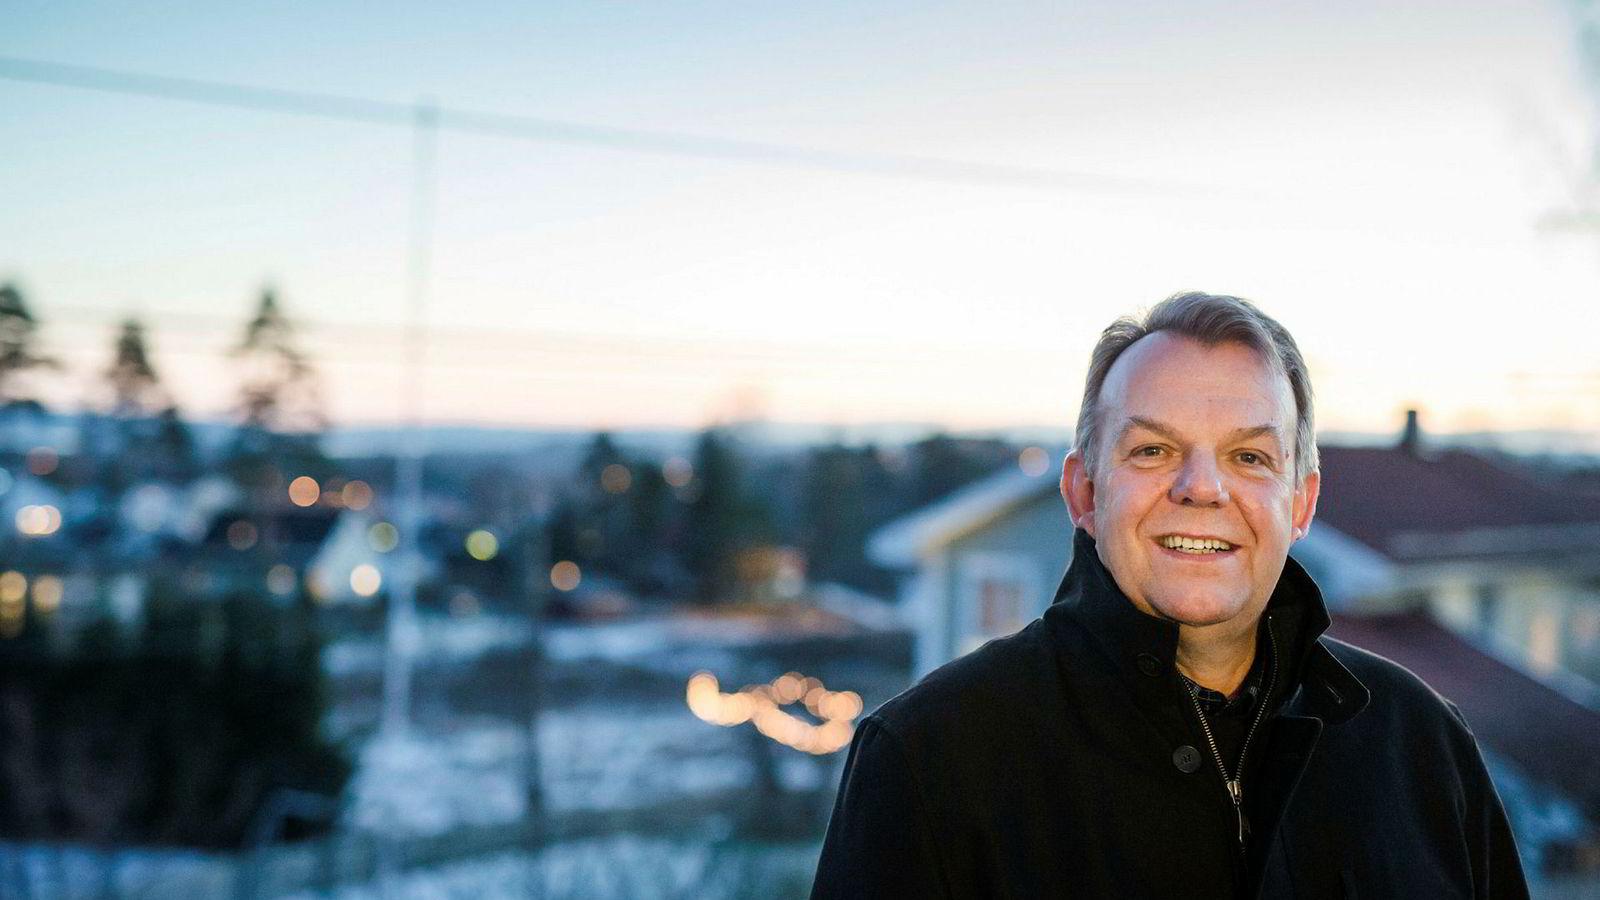 Torstein Dale Sjøtveit har 27 års fartstid som konserndirektør i Norsk Hydro bak seg. Nå er han styreleder i Freyr, som planlegger en batterifabrikk like stor som Teslas fabrikk i California – og som skal gi arbeid til flere tusen mennesker i distriktskommunen Rana.